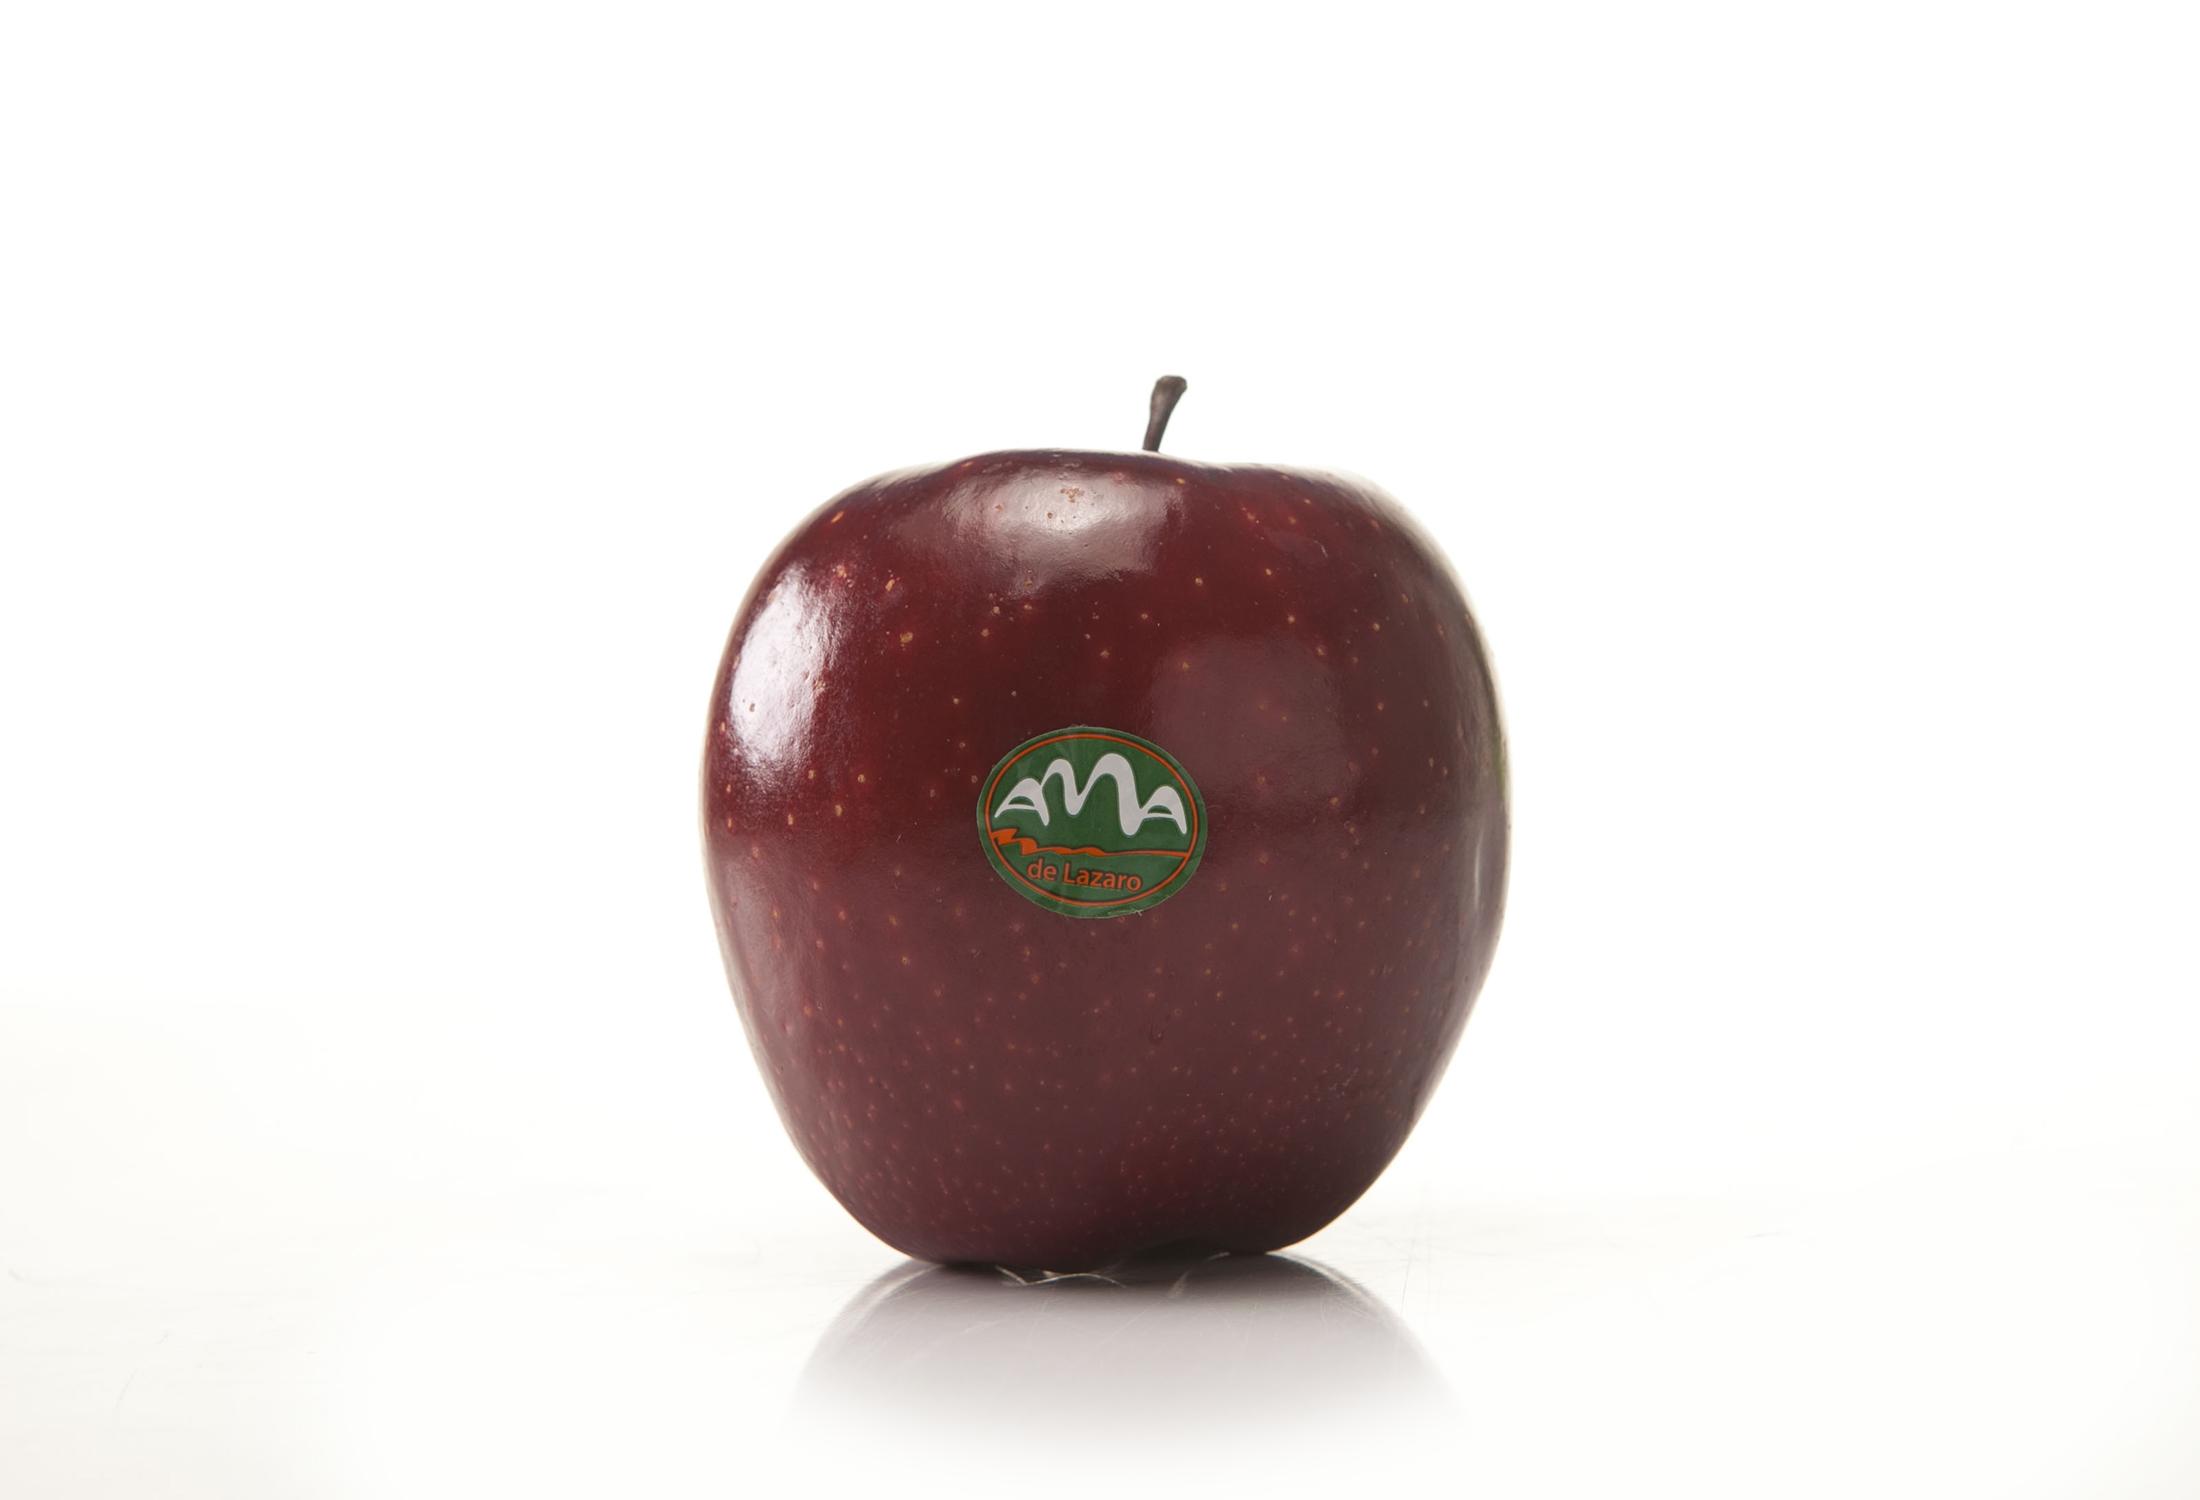 Manzana Roja AMA